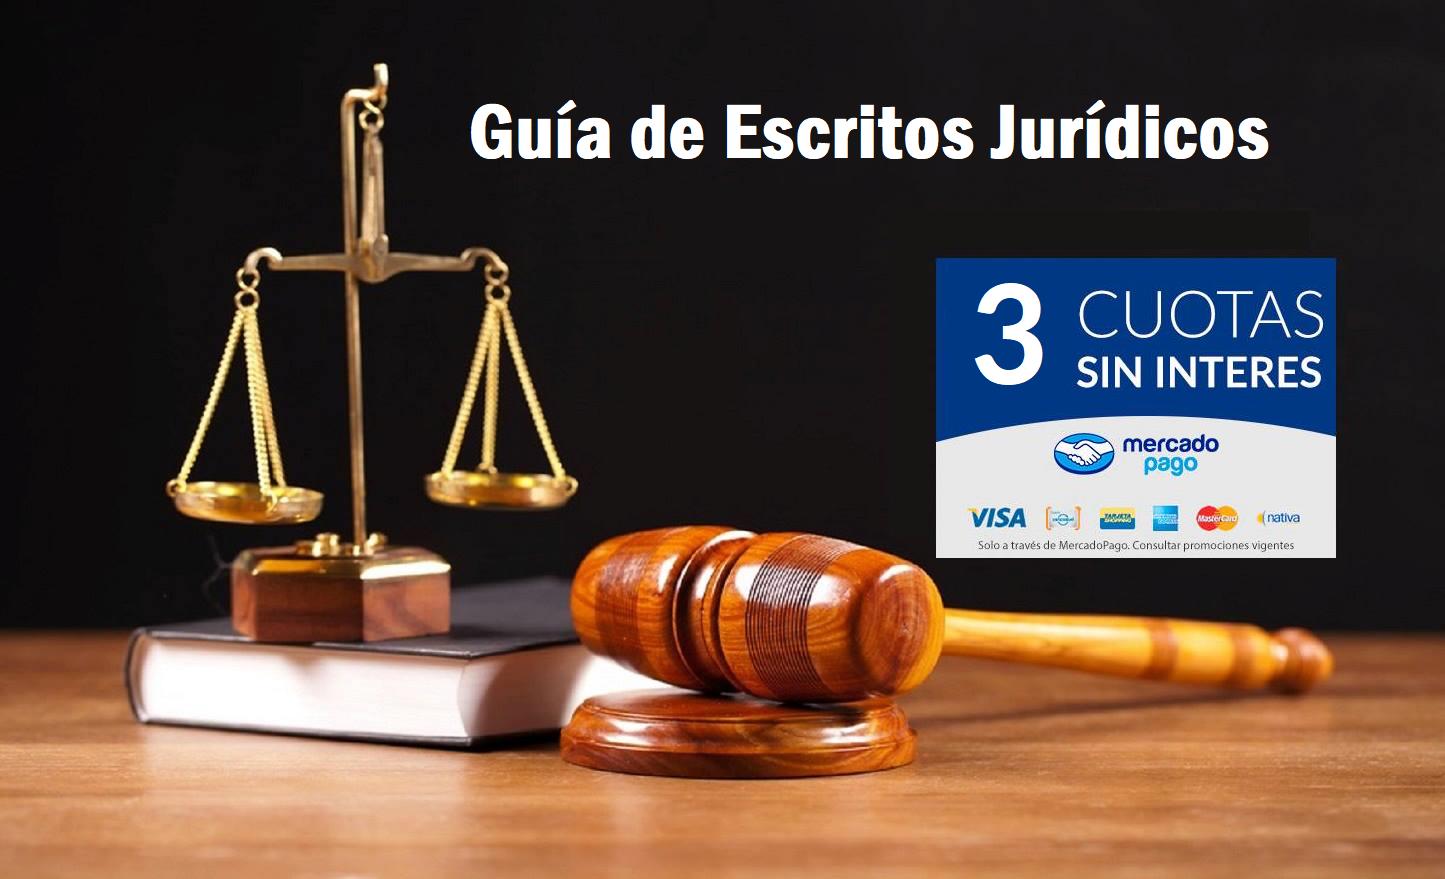 EscritosJuridicos.com